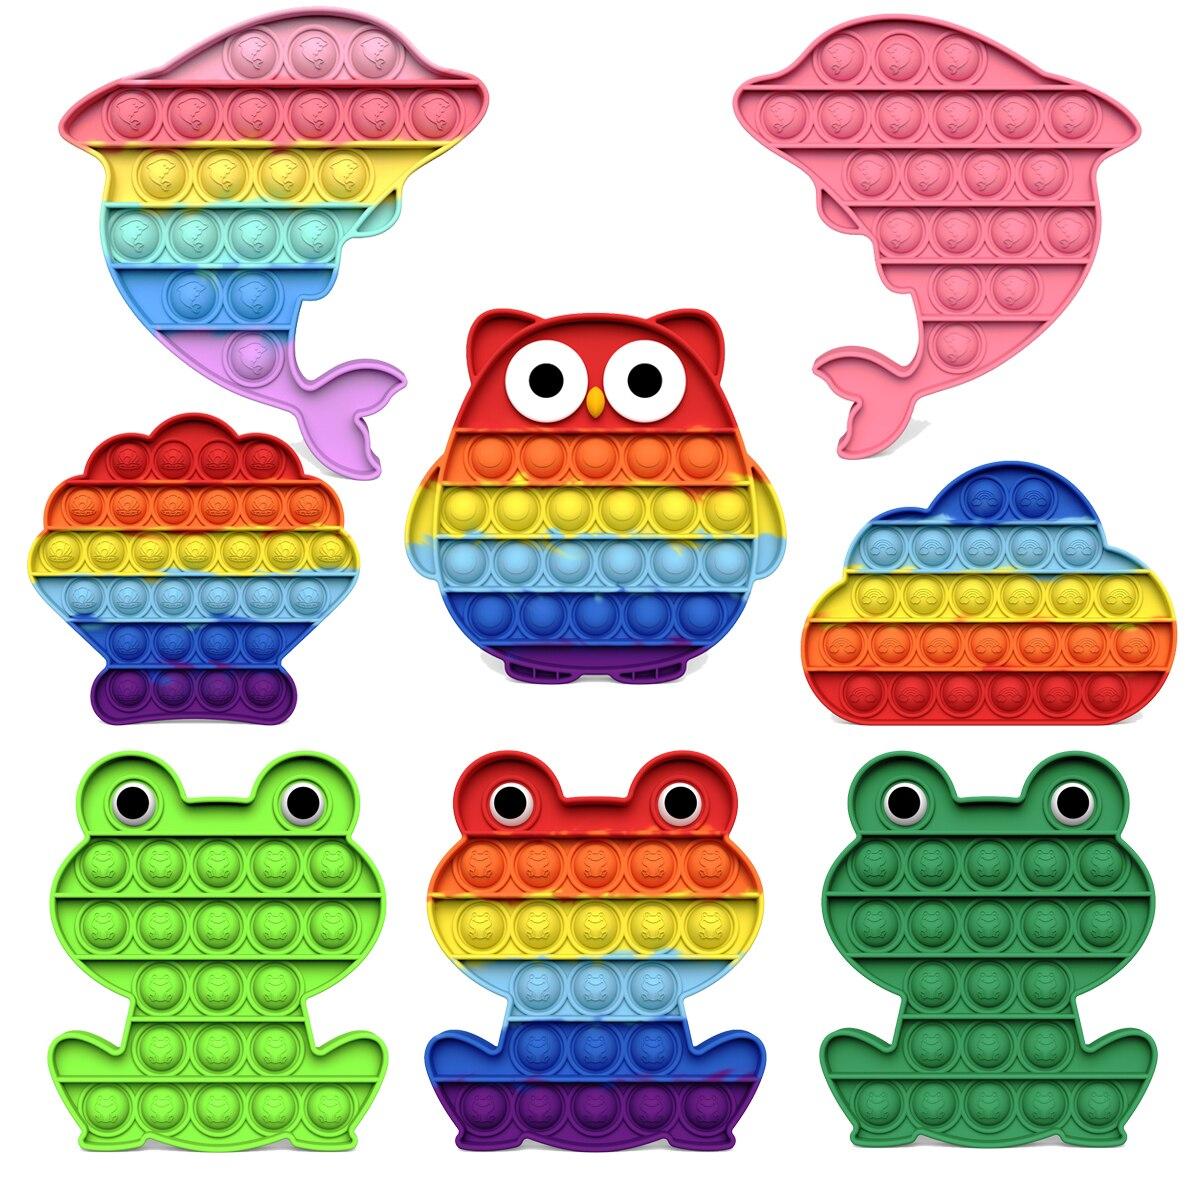 Новинка 2021, игрушка-лягушка с пузырьками, радужная сова, сахар, дельфин, фиджет-игрушки, игрушка для снятия стресса, подарки для детей